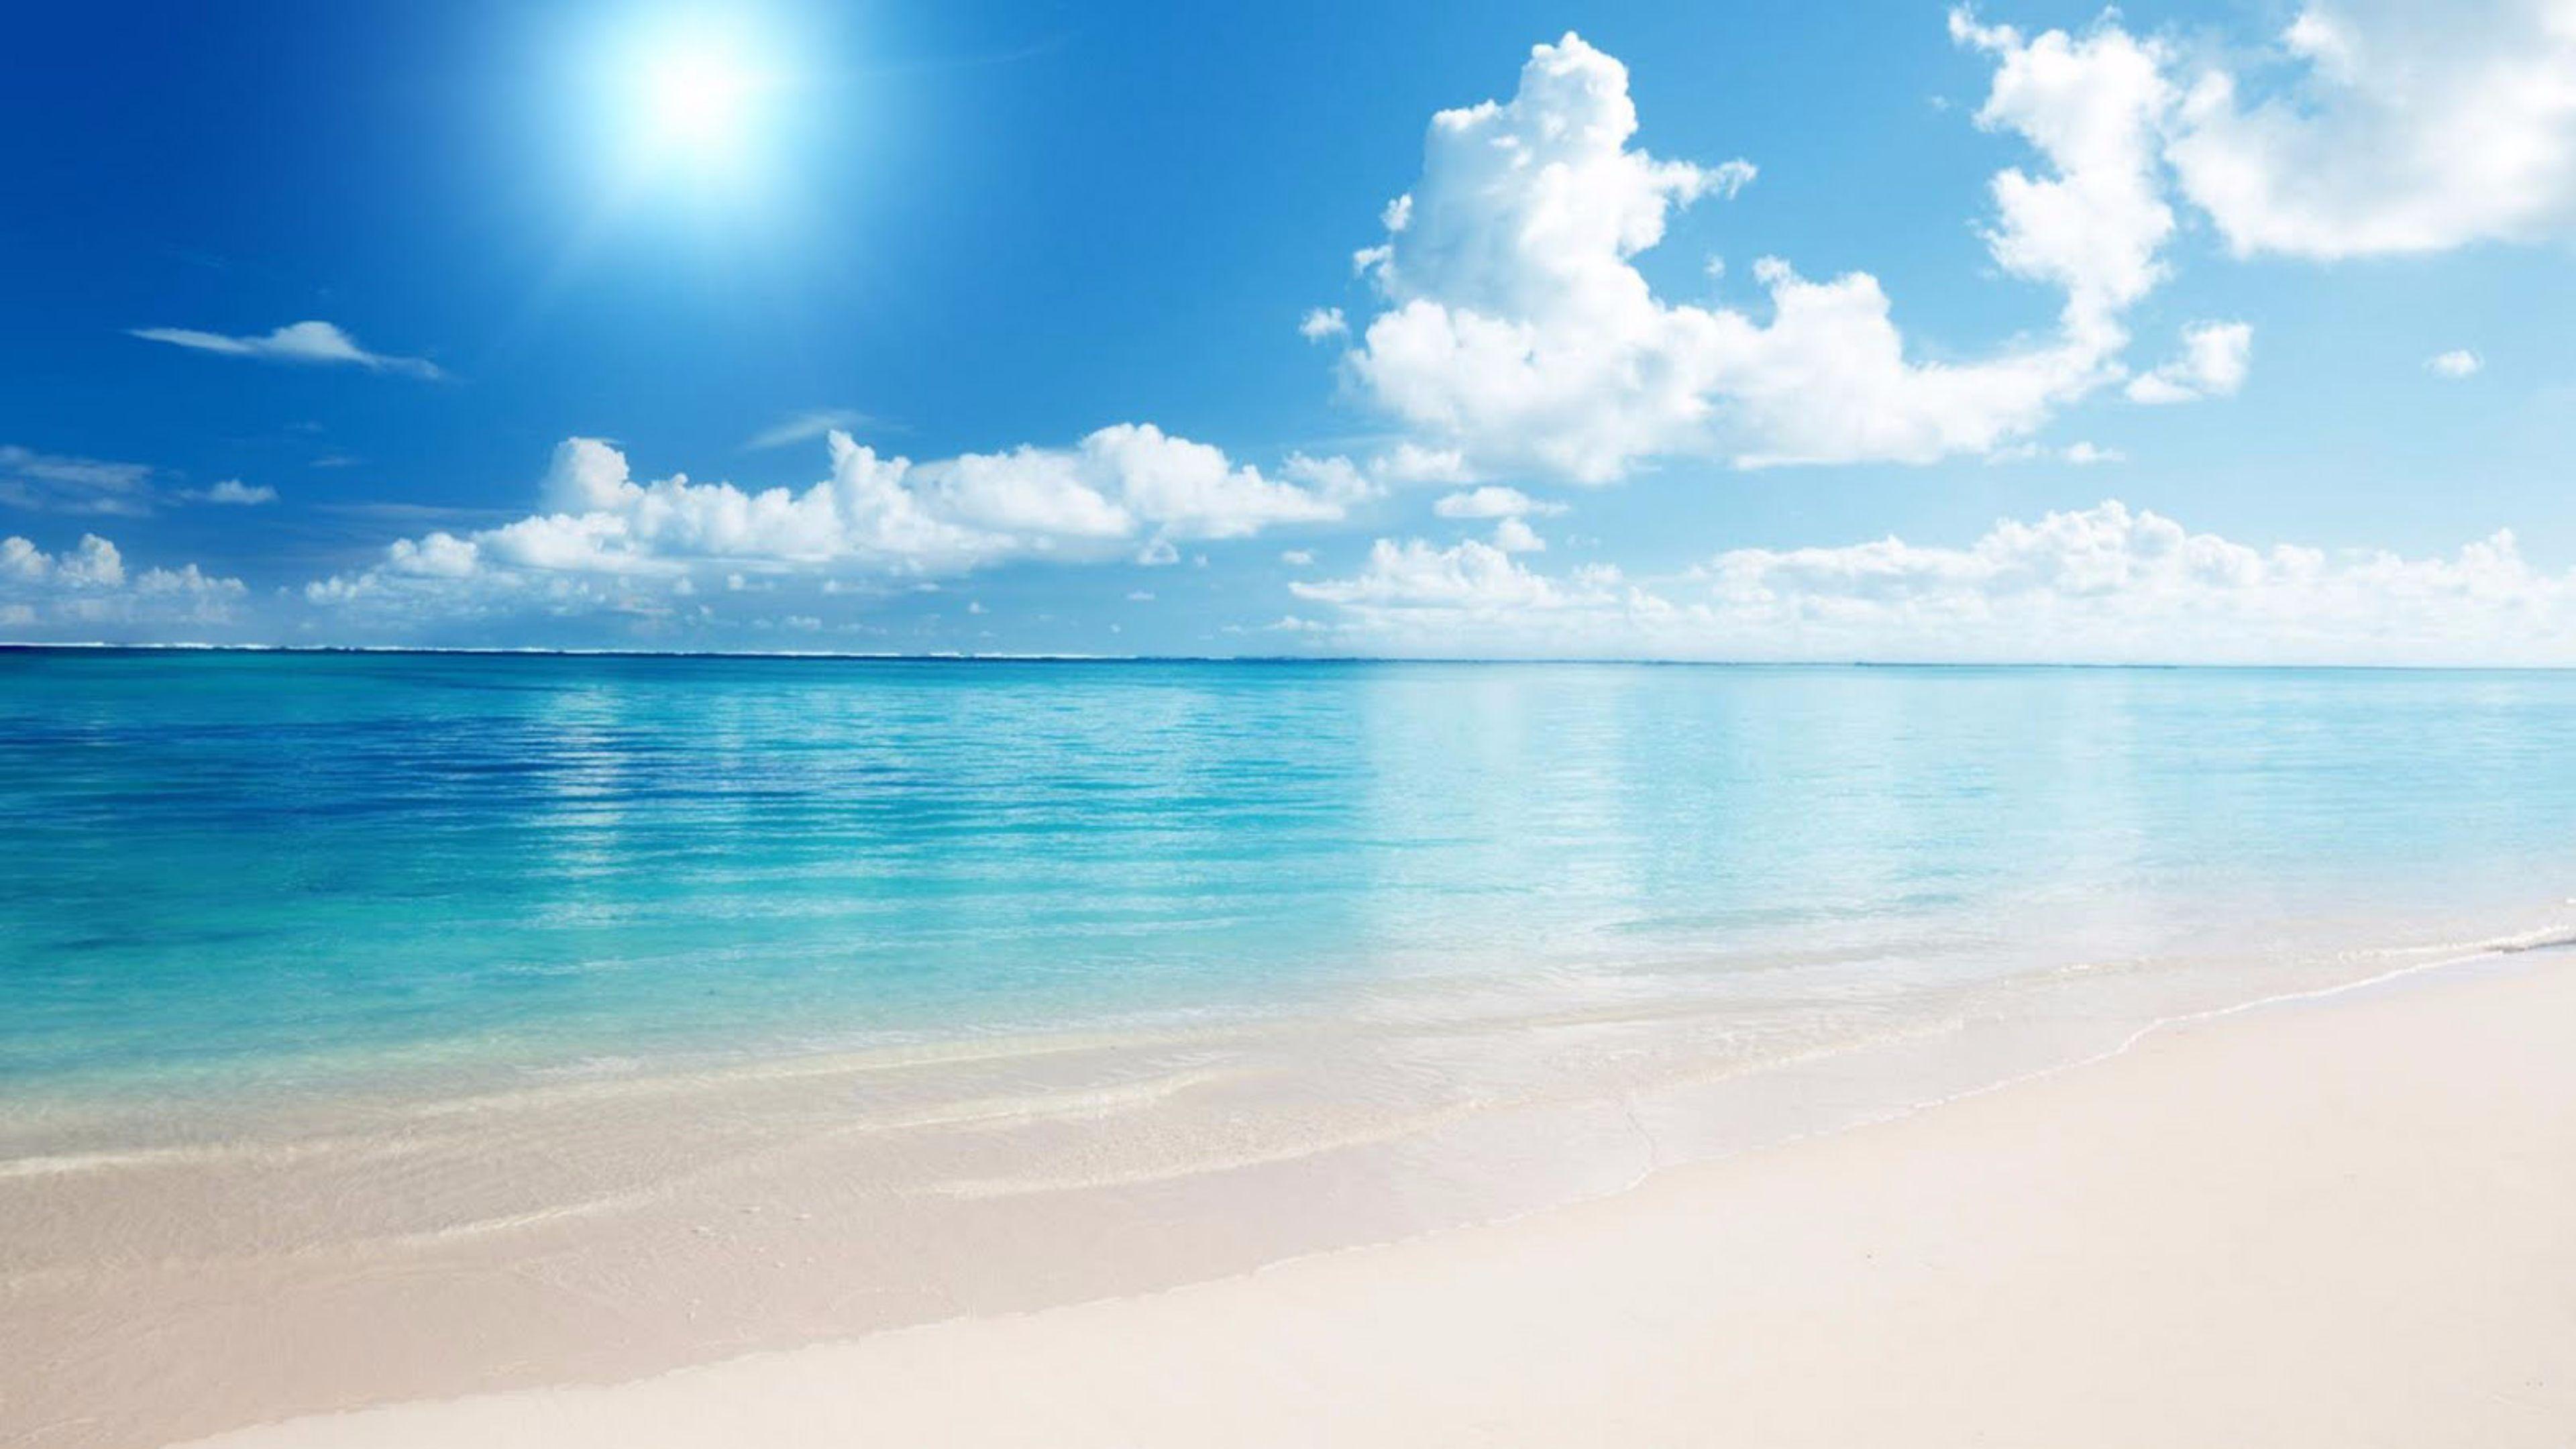 Sun Up on the Beach 4K Wallpaper 4K Wallpaper 3840x2160